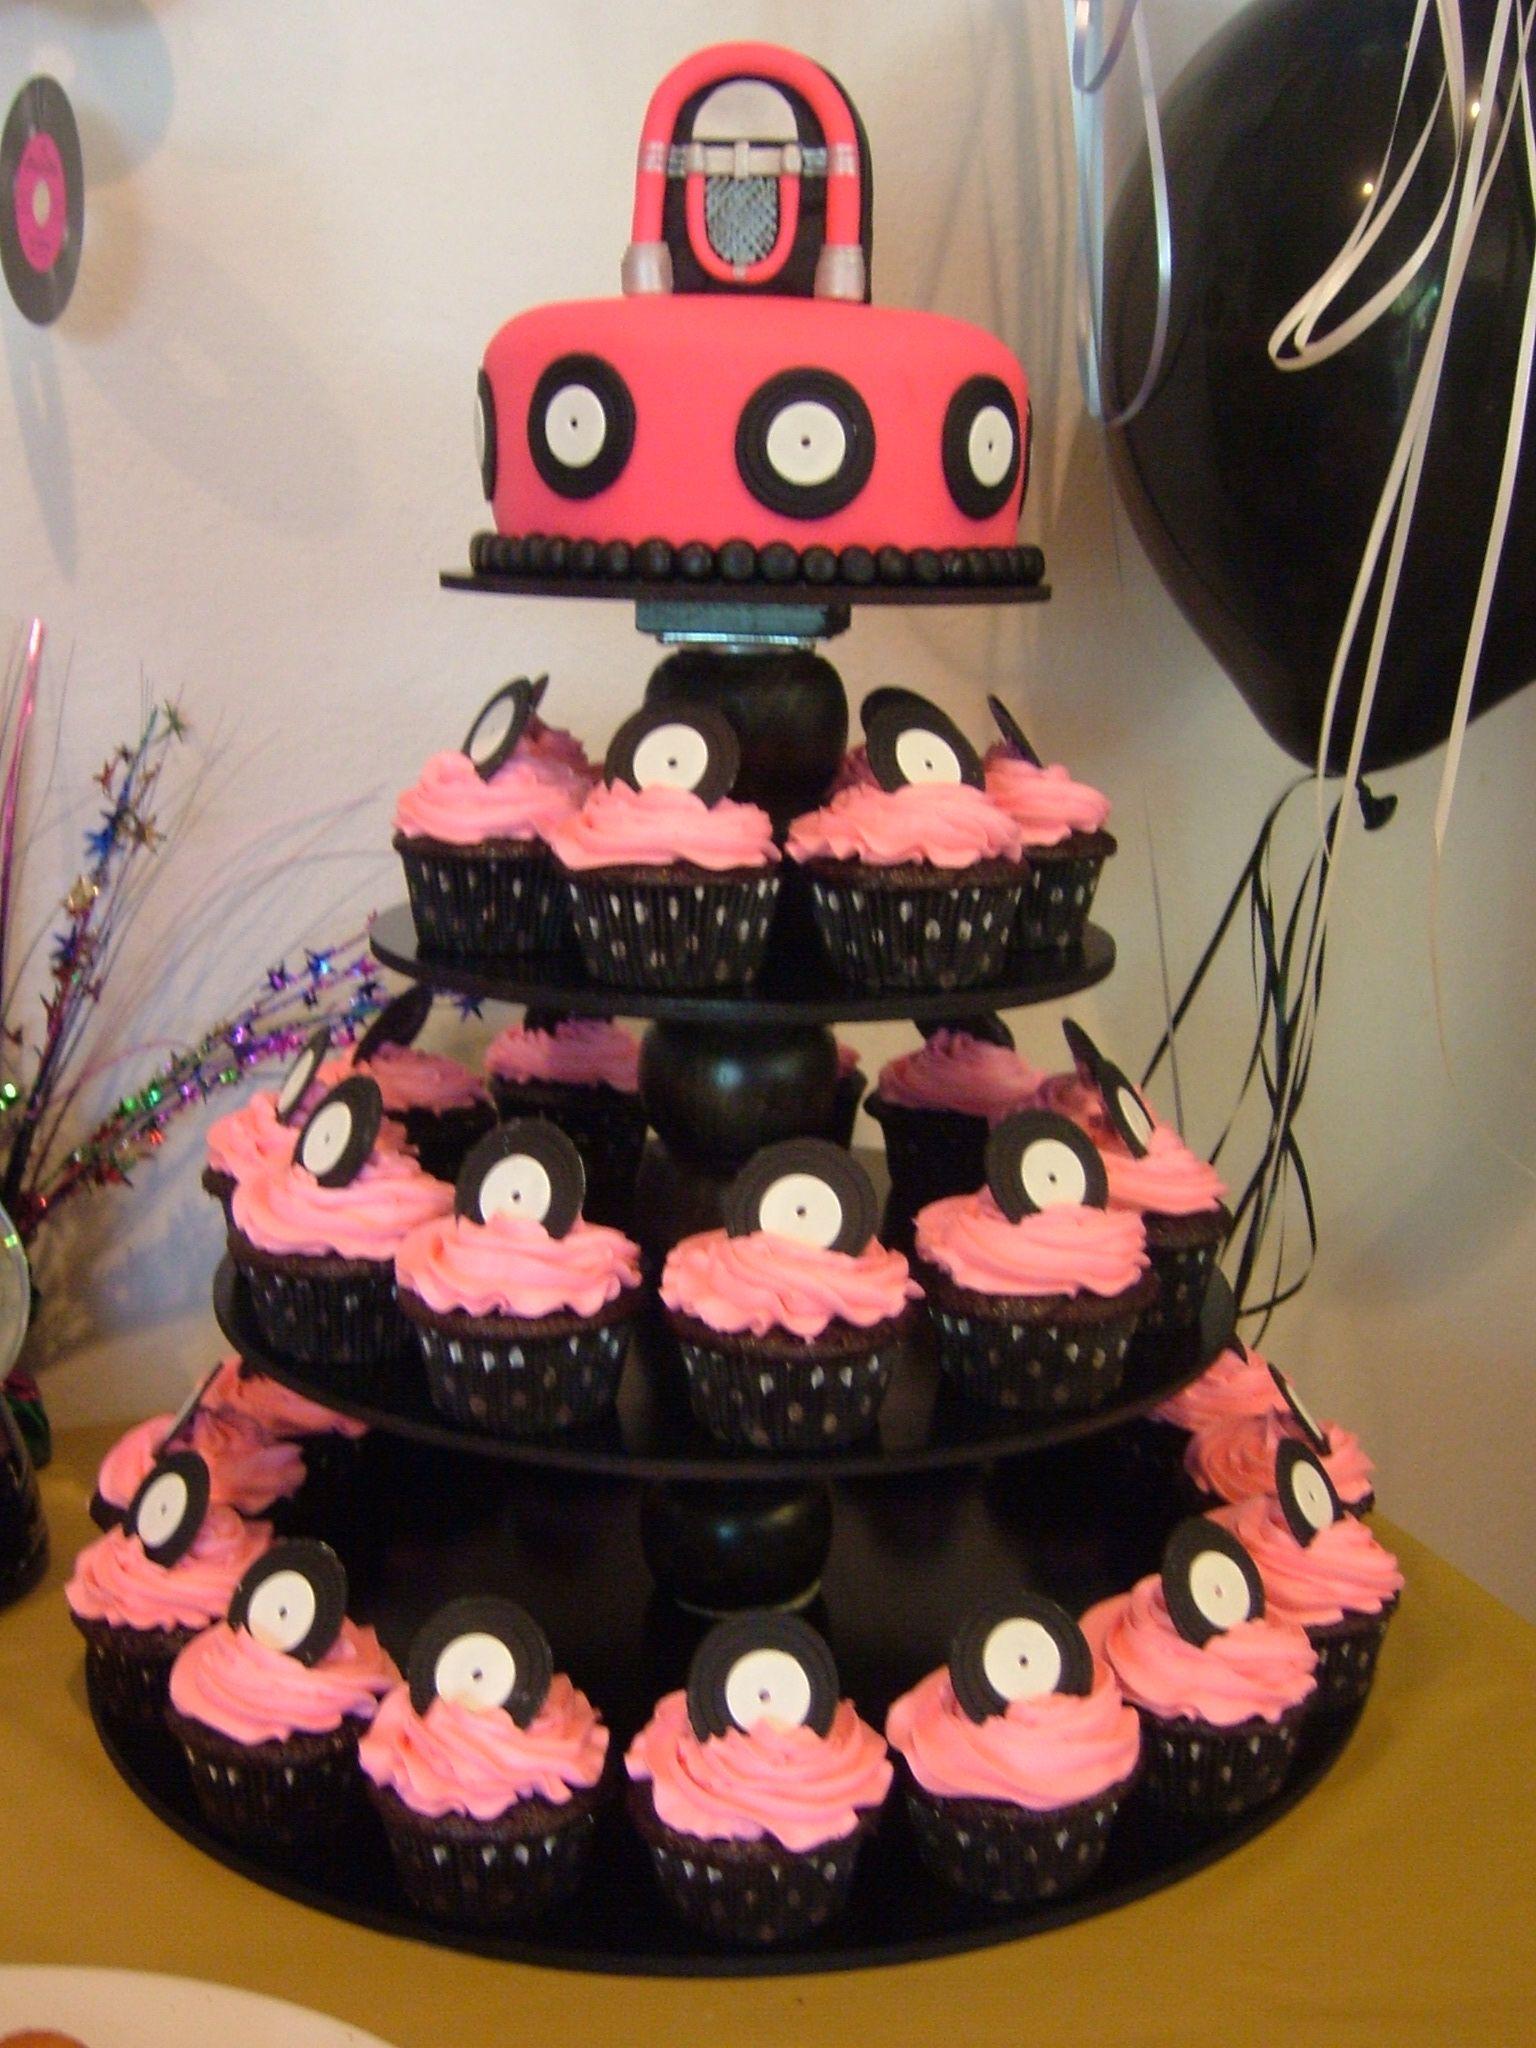 S Cake  Cupcakes My Cakes Pinterest Cake Birthdays And - Rockabilly birthday cake